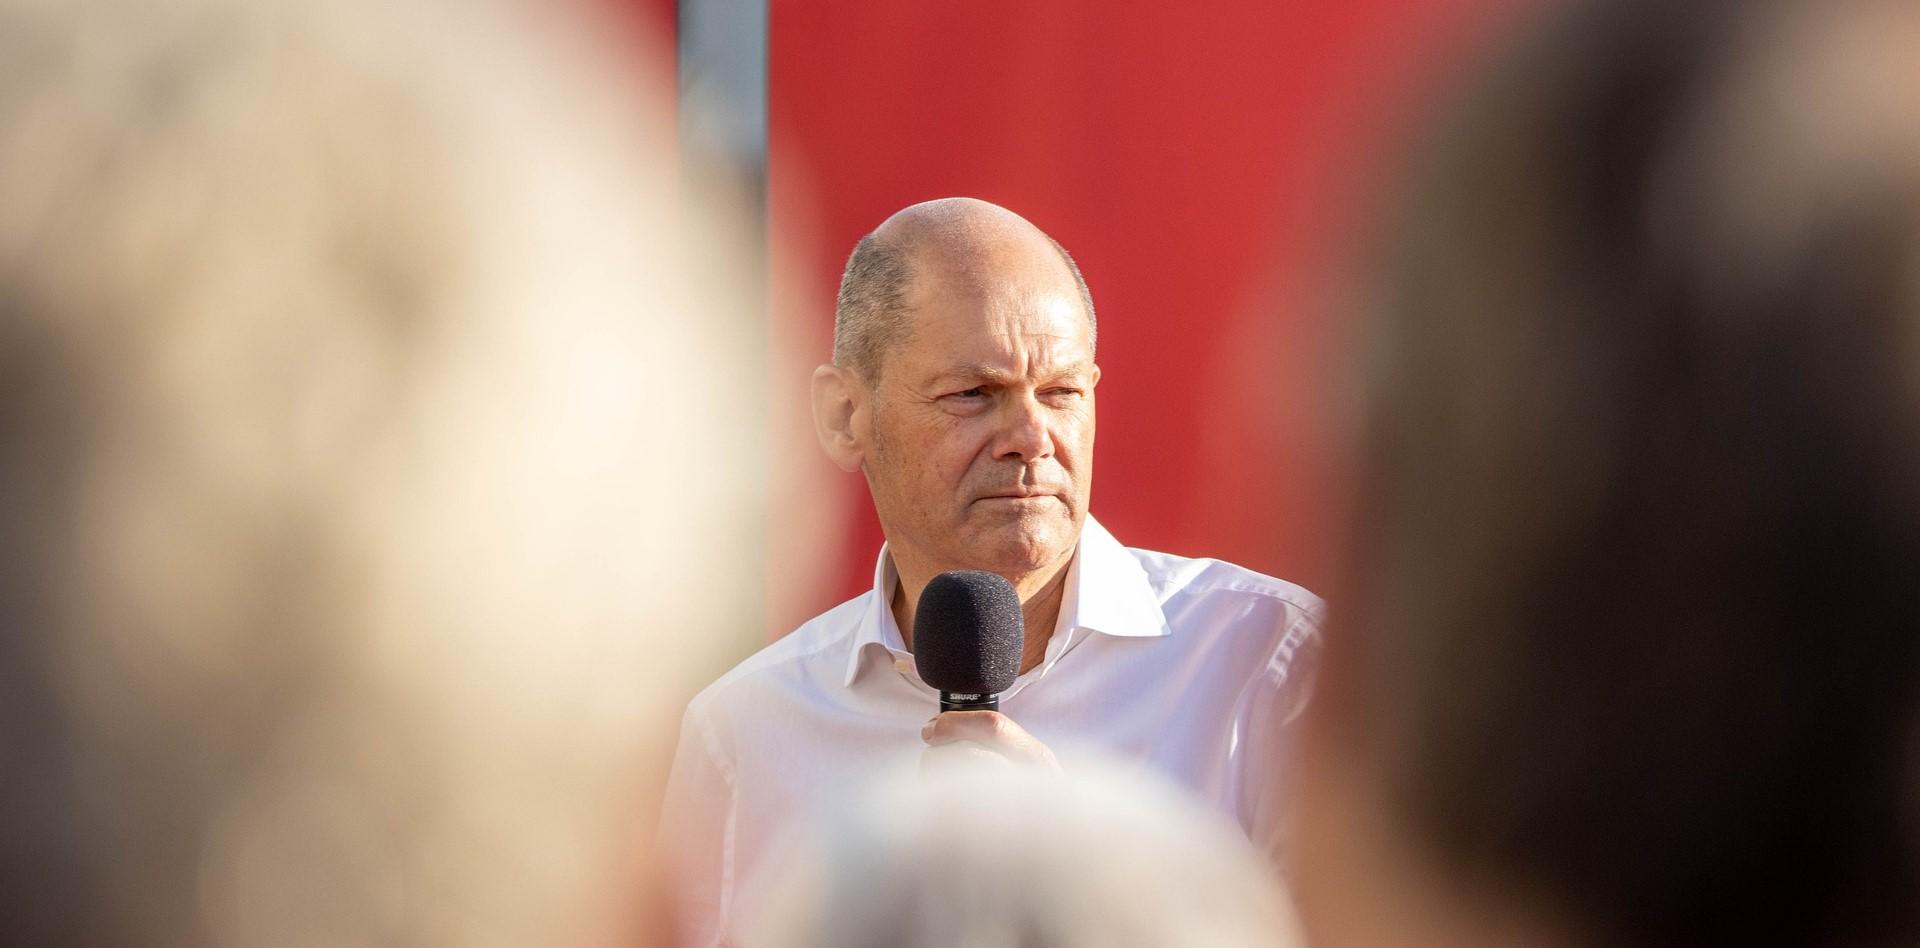 Verhandlungsexperte klärt auf: Warum die Ampelparteien über die Gespräche schweigen